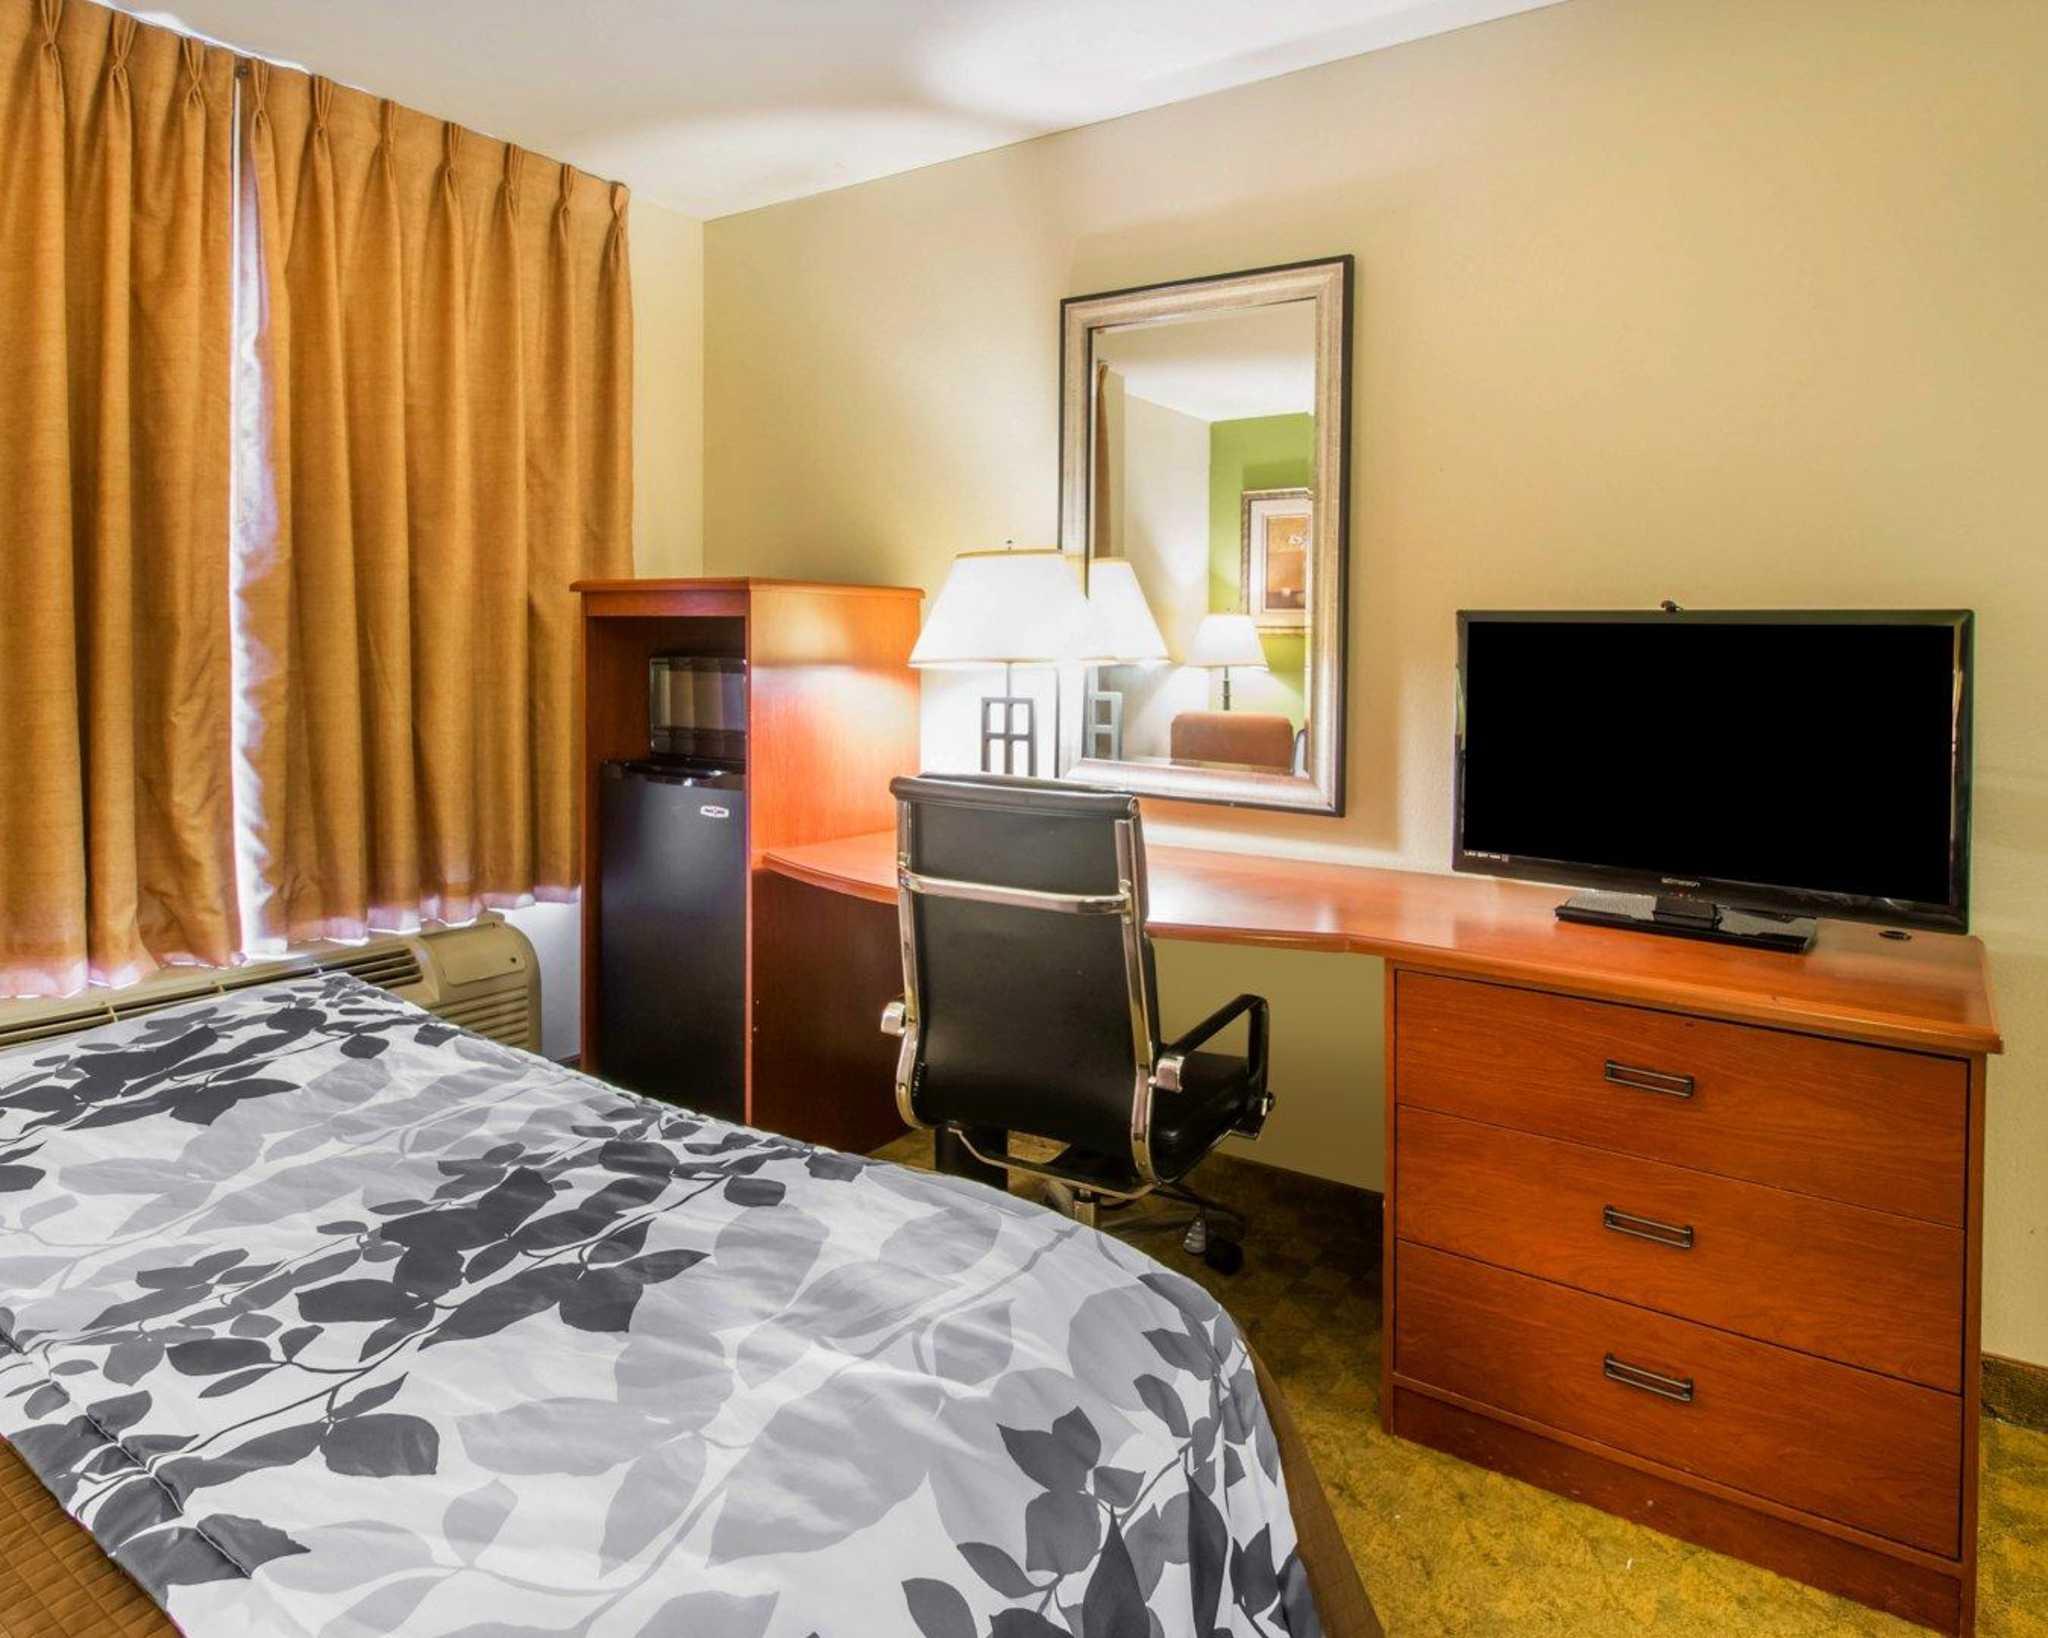 Sleep Inn & Suites image 9